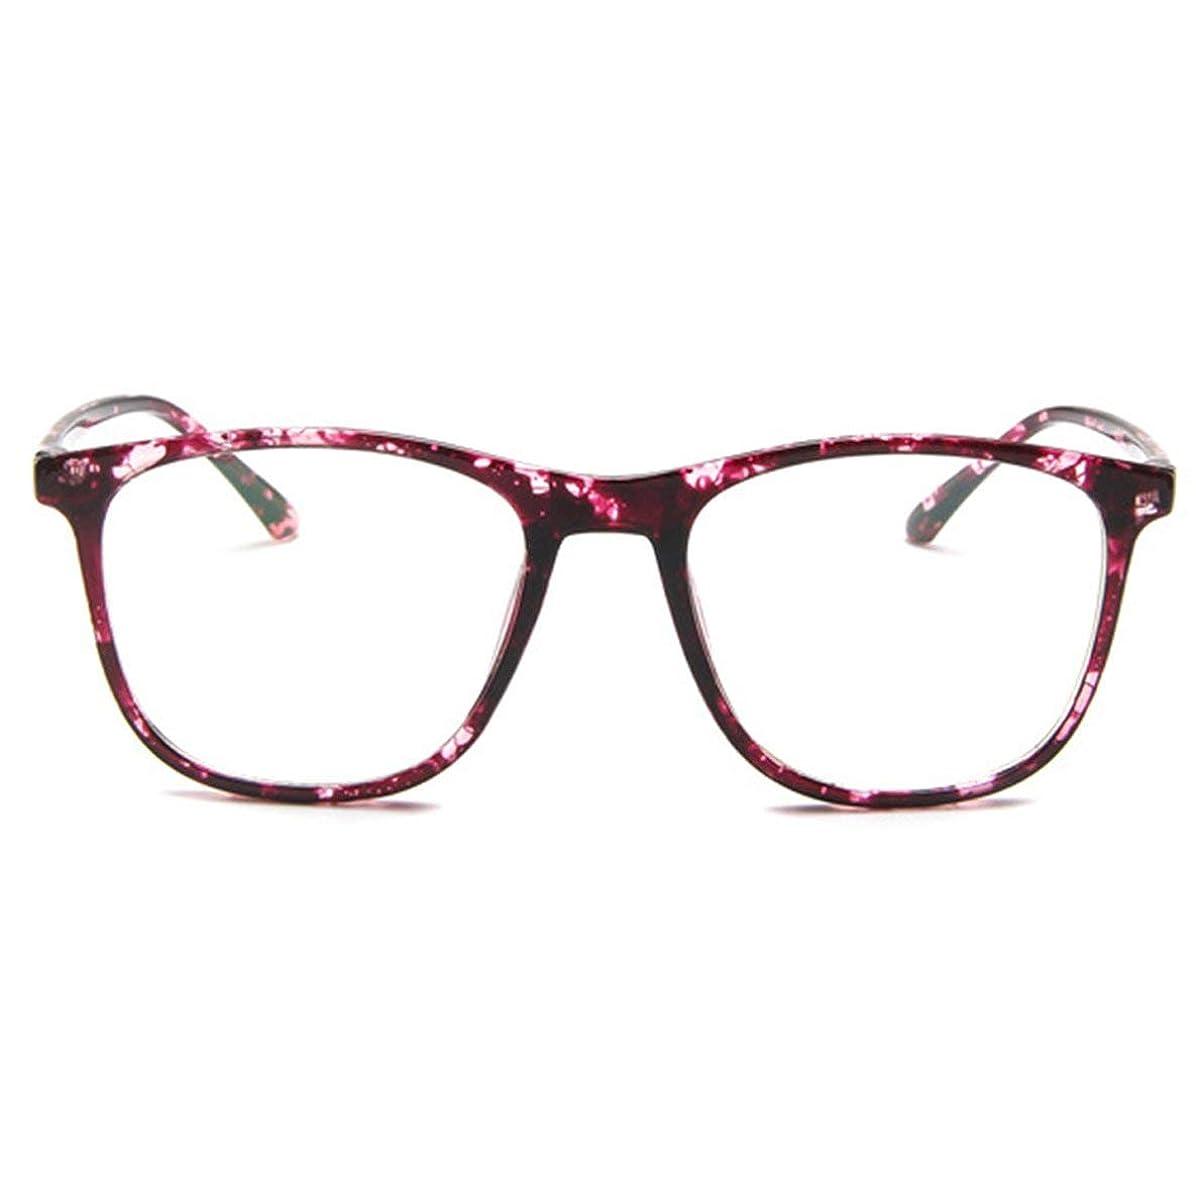 著者ニコチンミシン韓国の学生のプレーンメガネ男性と女性のファッションメガネフレーム近視メガネフレームファッショナブルなシンプルなメガネ-パープル